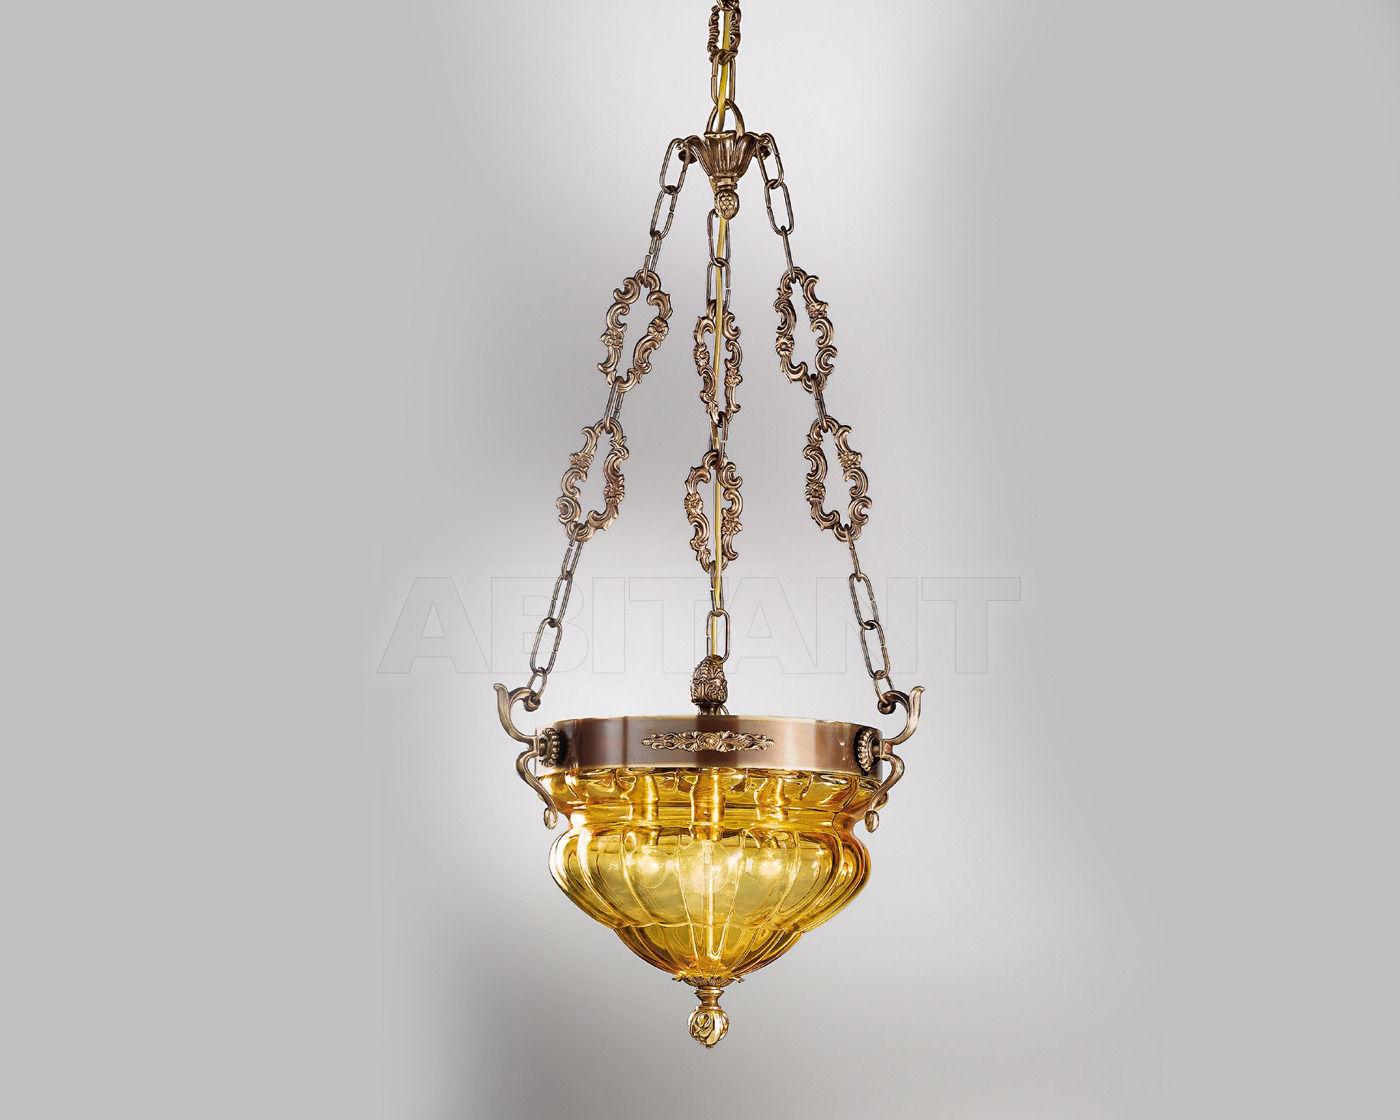 Купить Светильник Nervilamp Snc Nervilamp 2013 571/3S/AM